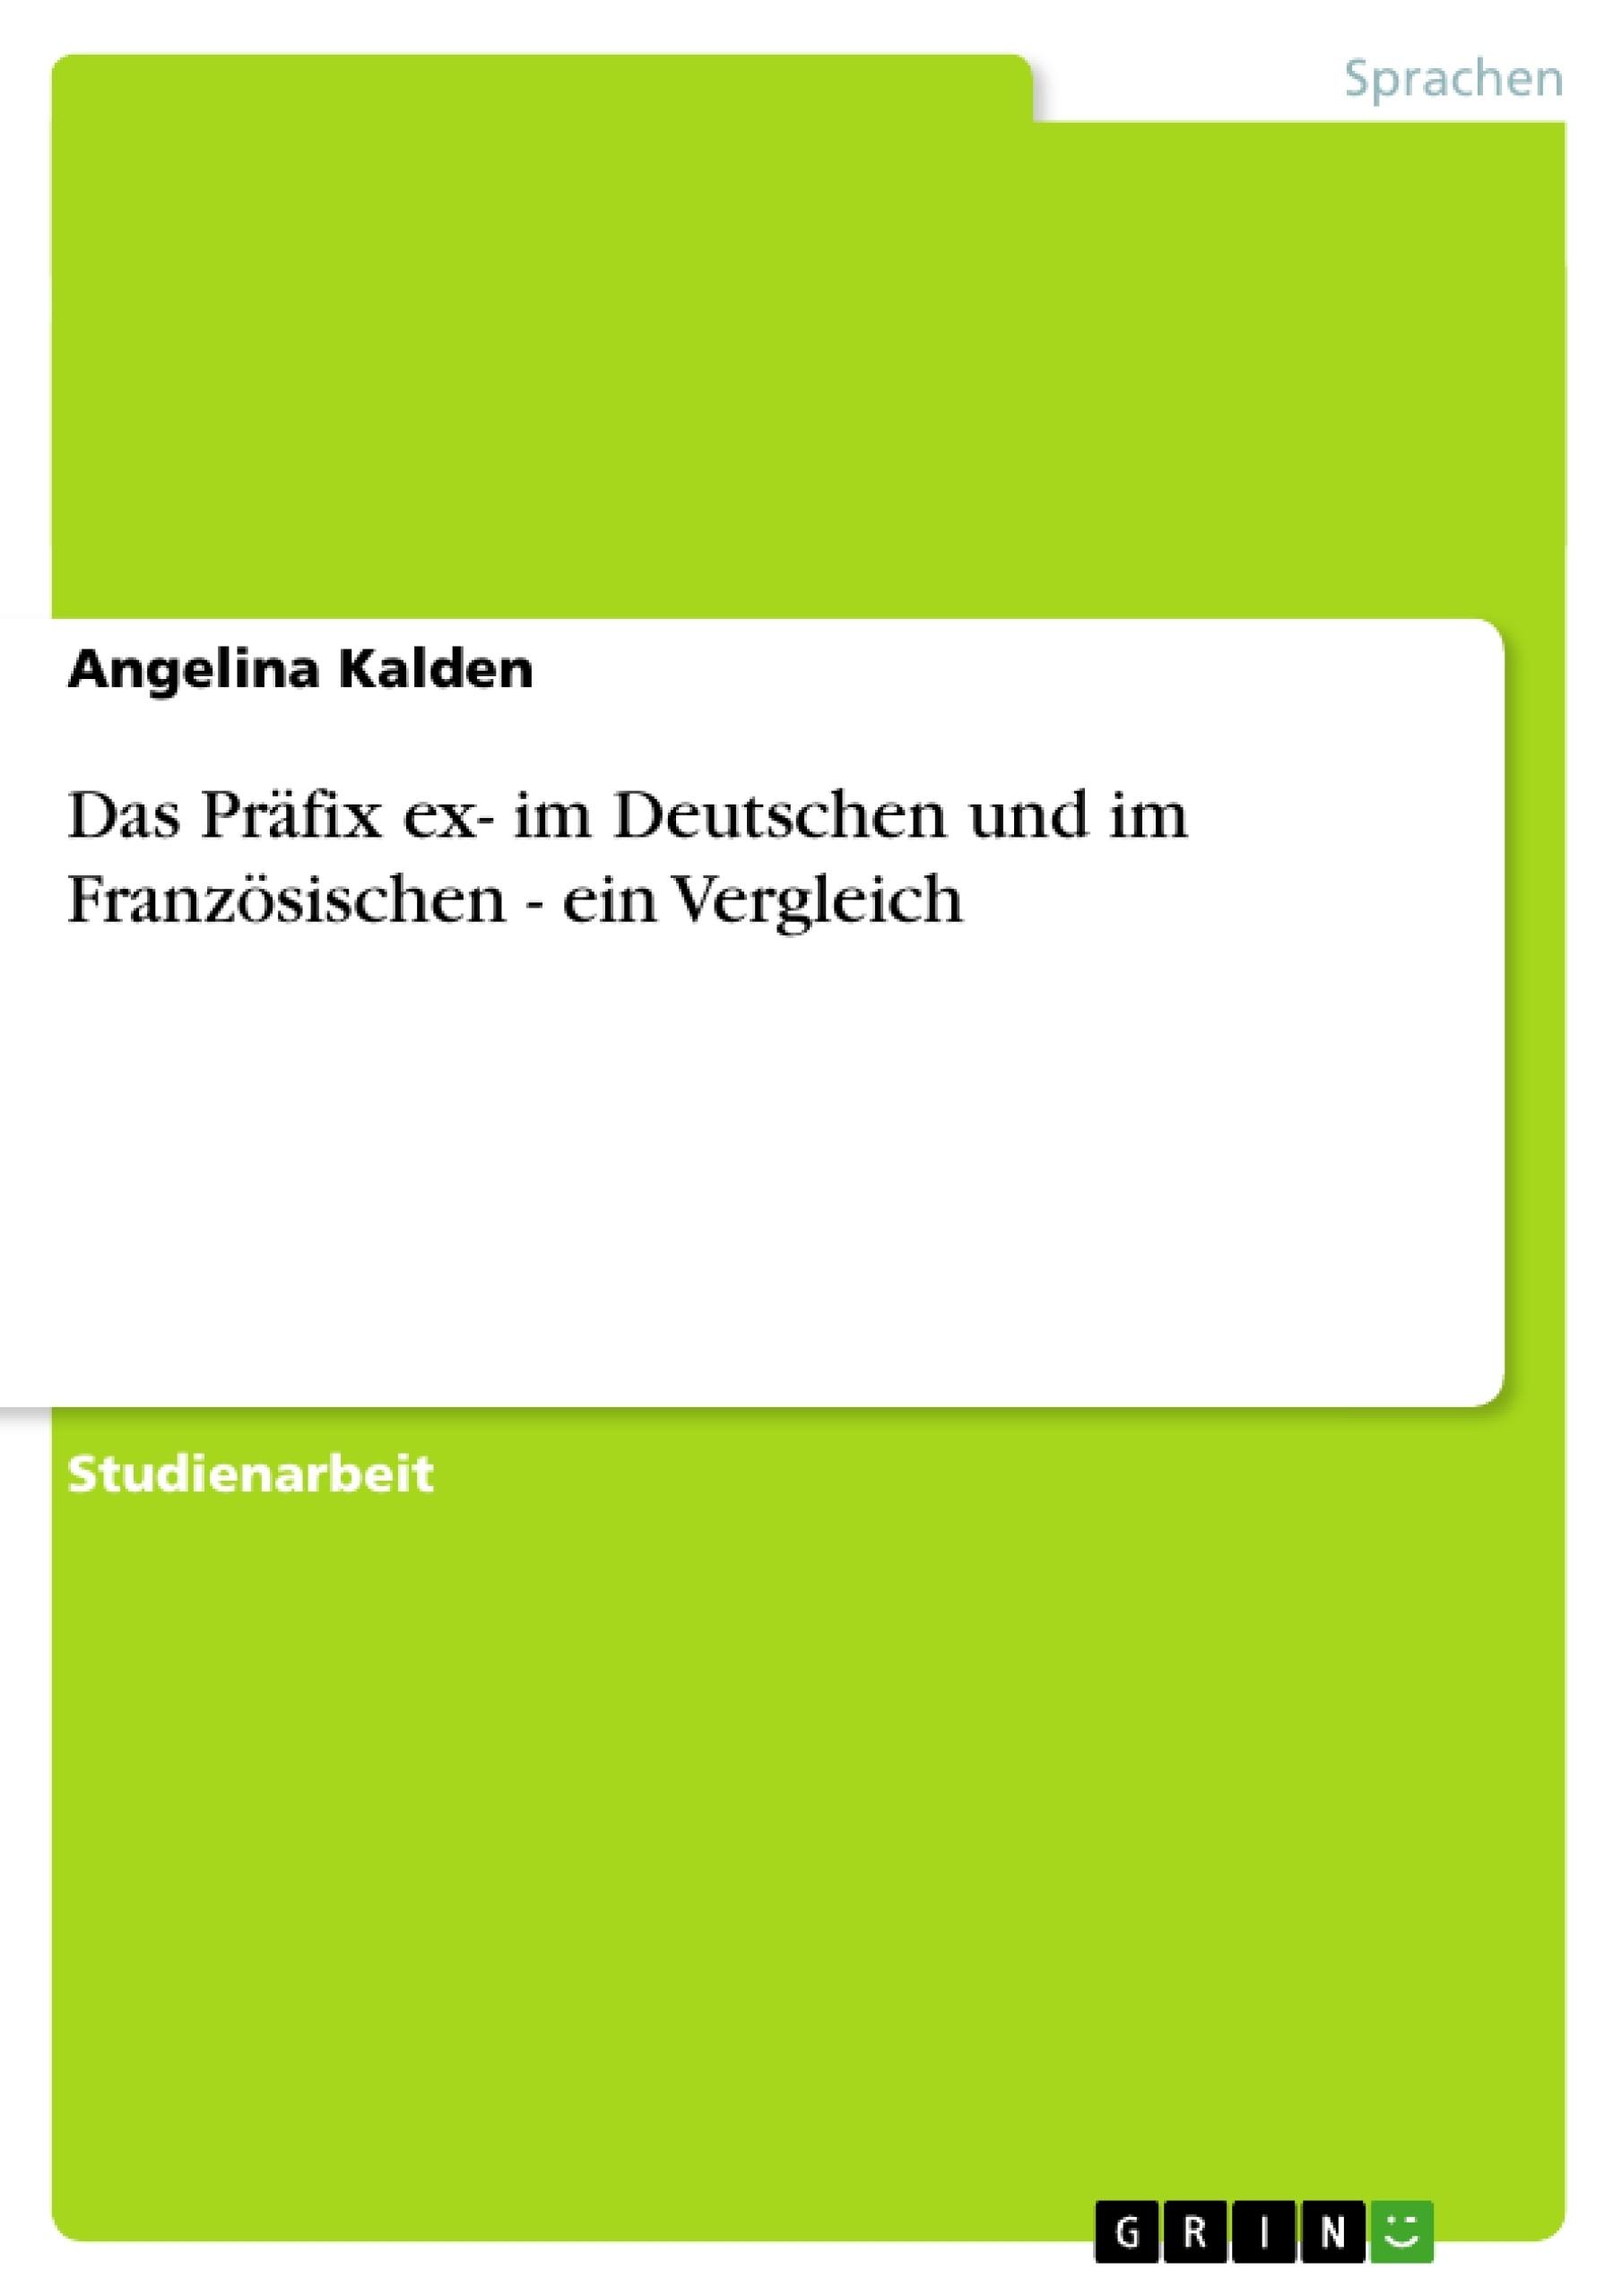 Titel: Das Präfix ex- im Deutschen und im Französischen - ein Vergleich